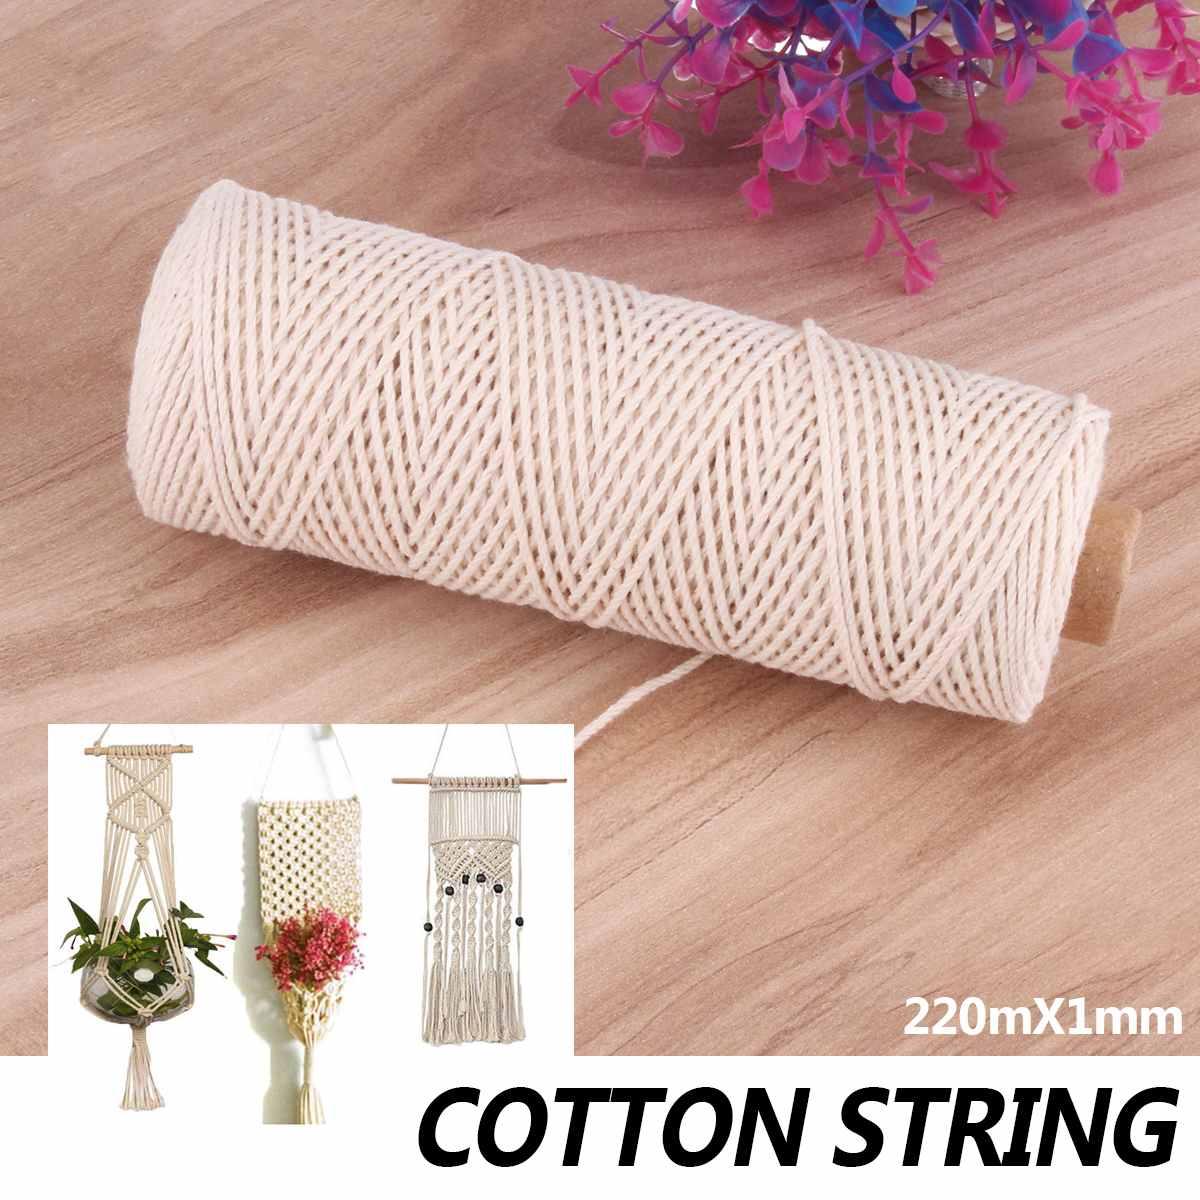 00eda9da0547 220 M cuerda trenzada de algodón Natural artesanía macramé artesanía cuerda  hecha a mano atar ...